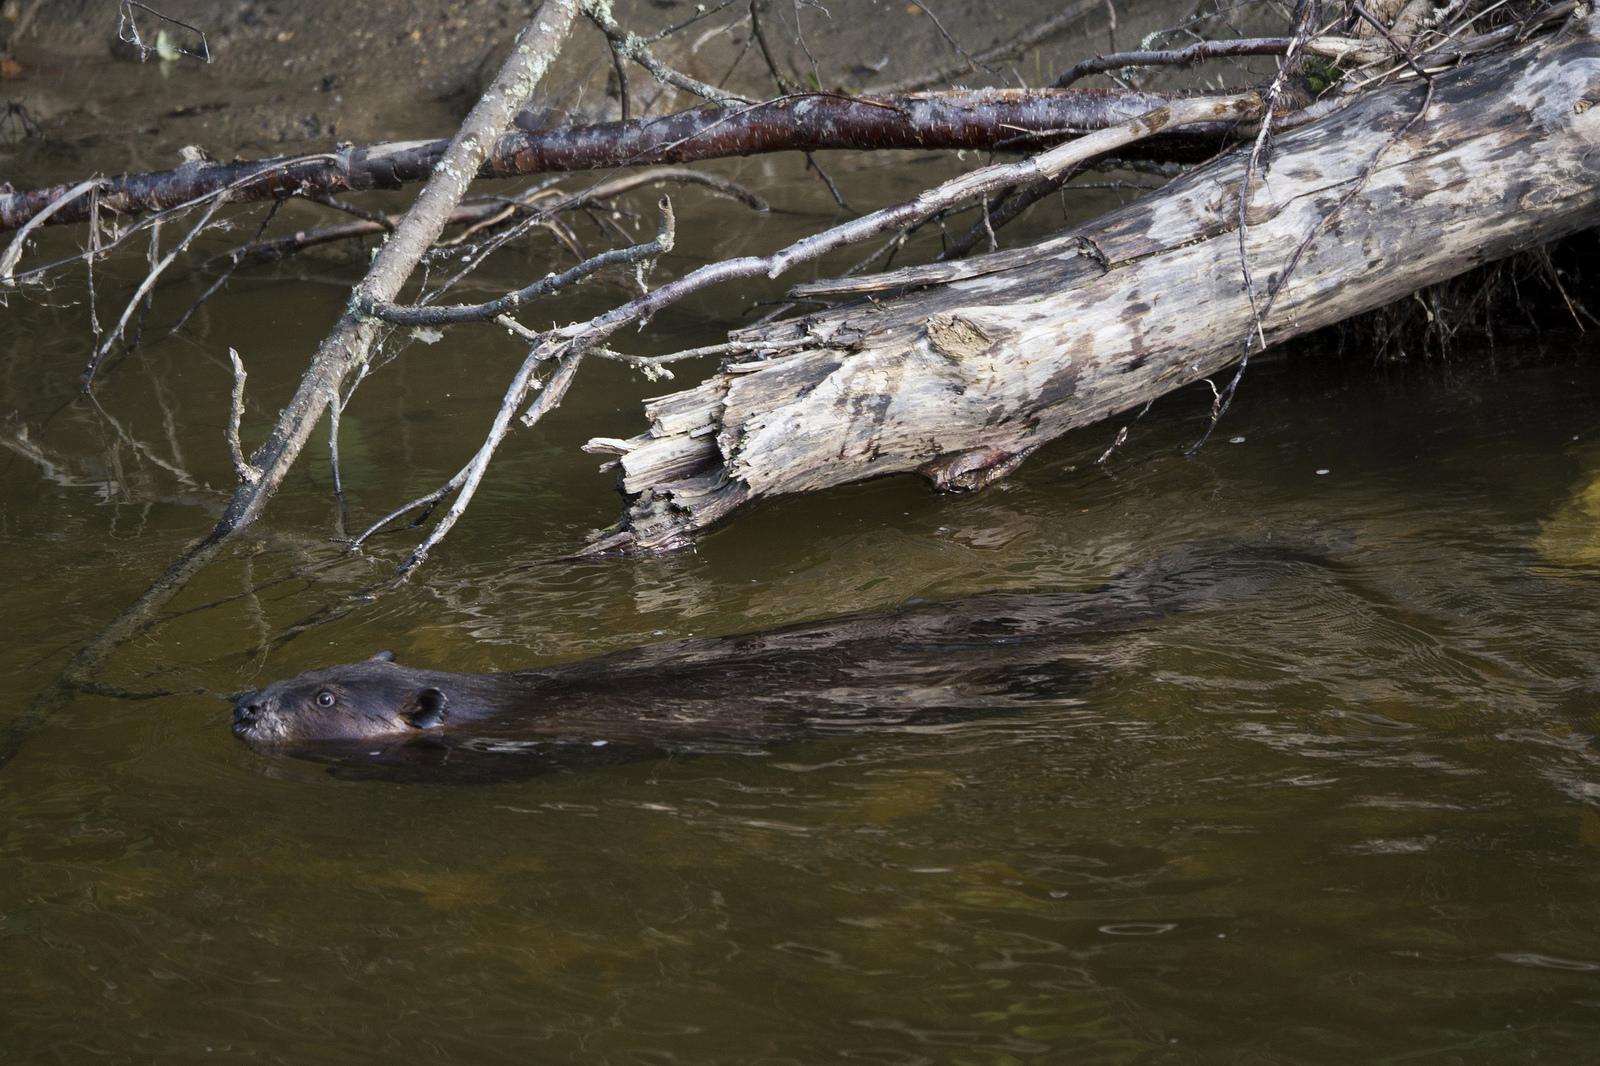 Not a rock, but actually a beaver.